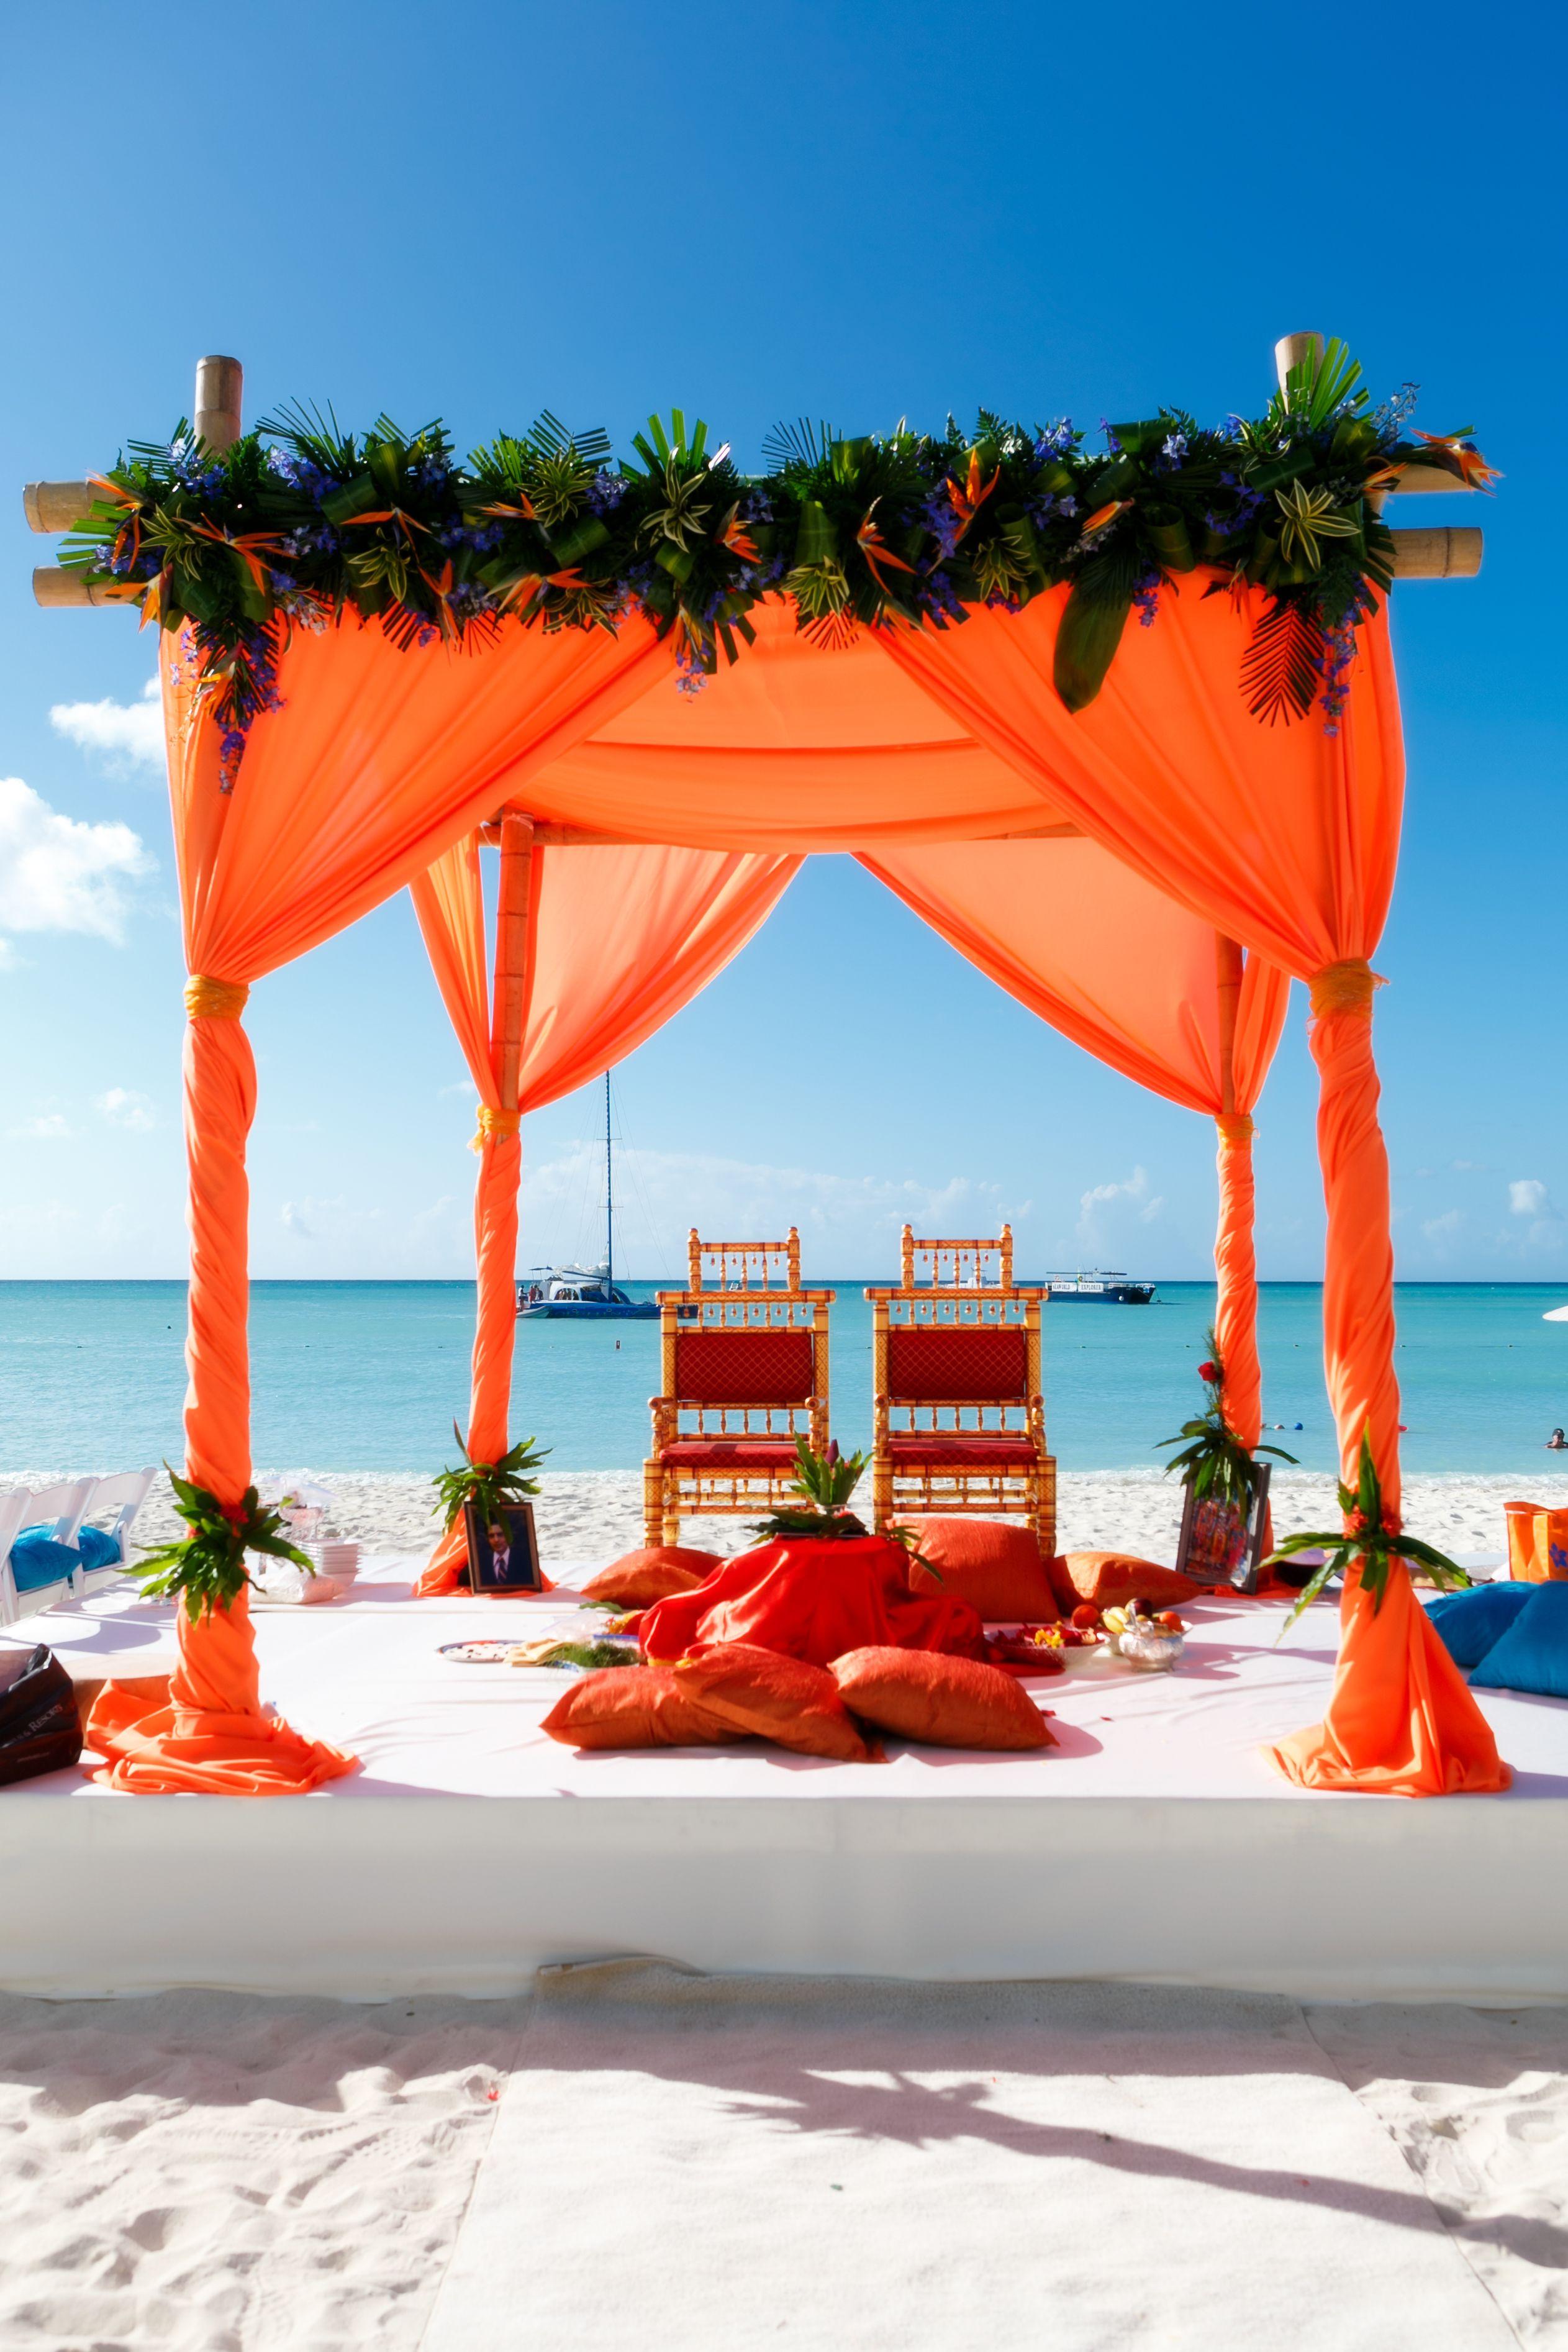 Indian beach wedding setup at Hyatt Aruba. Captured by Winklaar Photography. www.facebook.com/winklaarphotography www.winklaar.com